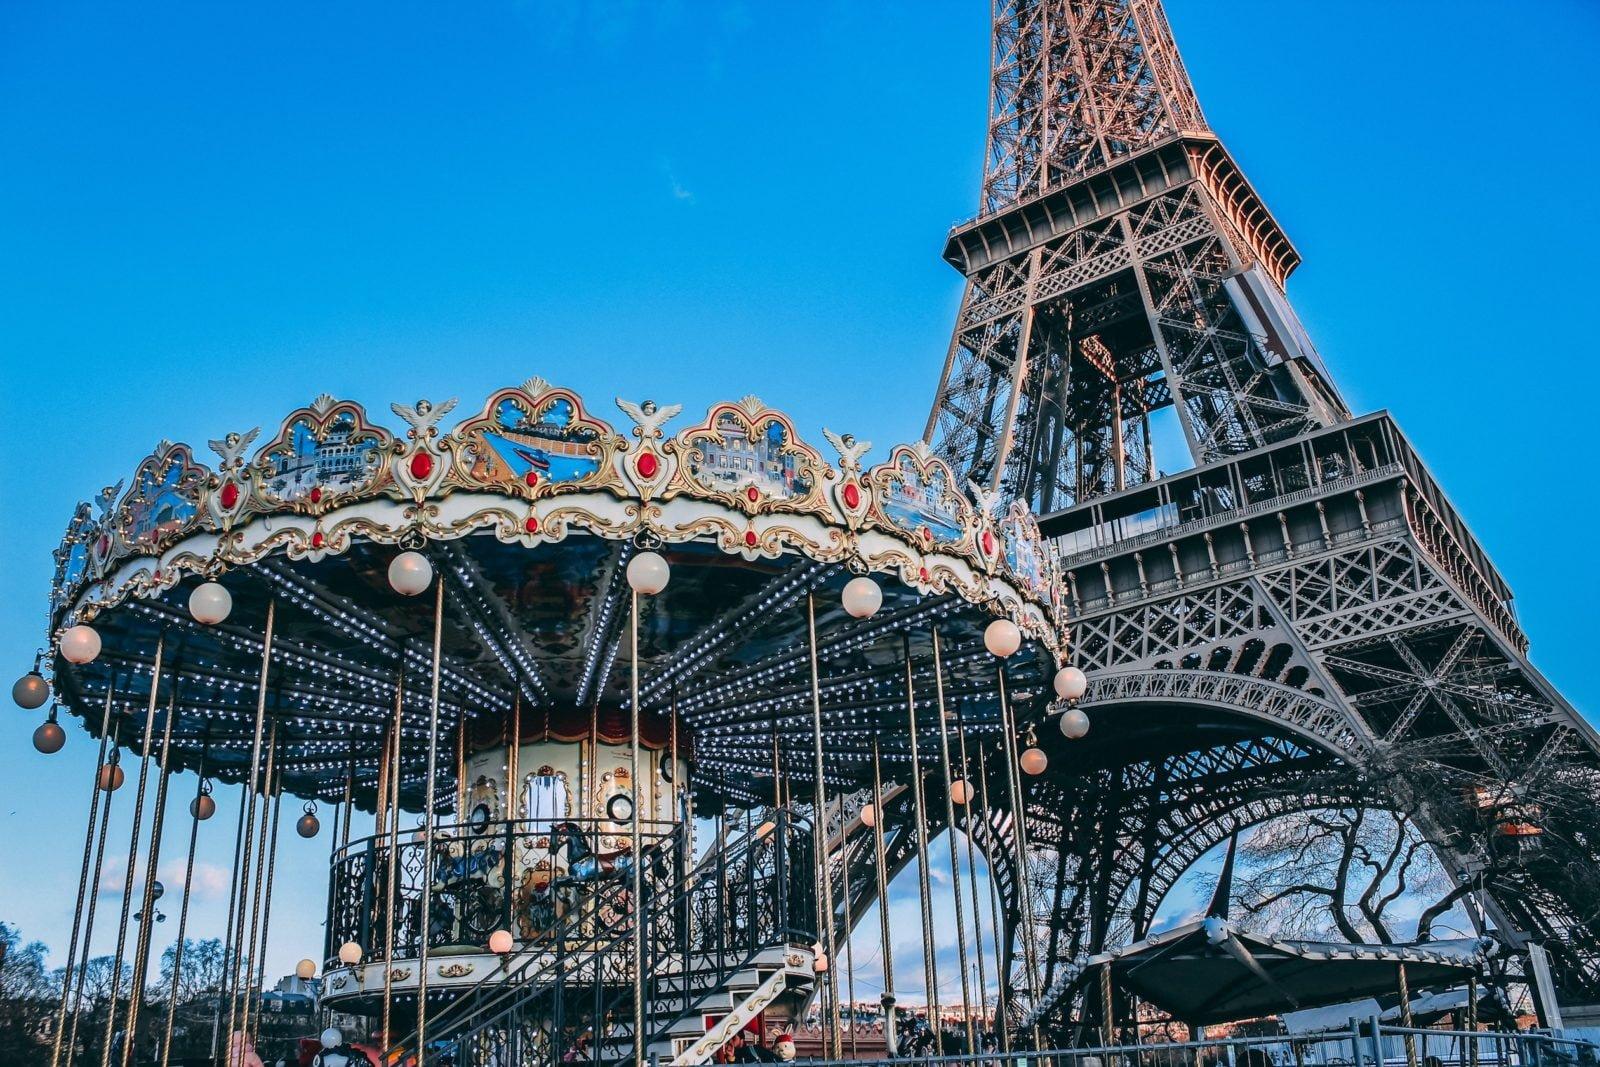 Paris'e Gitmiş Gibi Olmak İçin Paris Filmleri Önerileri